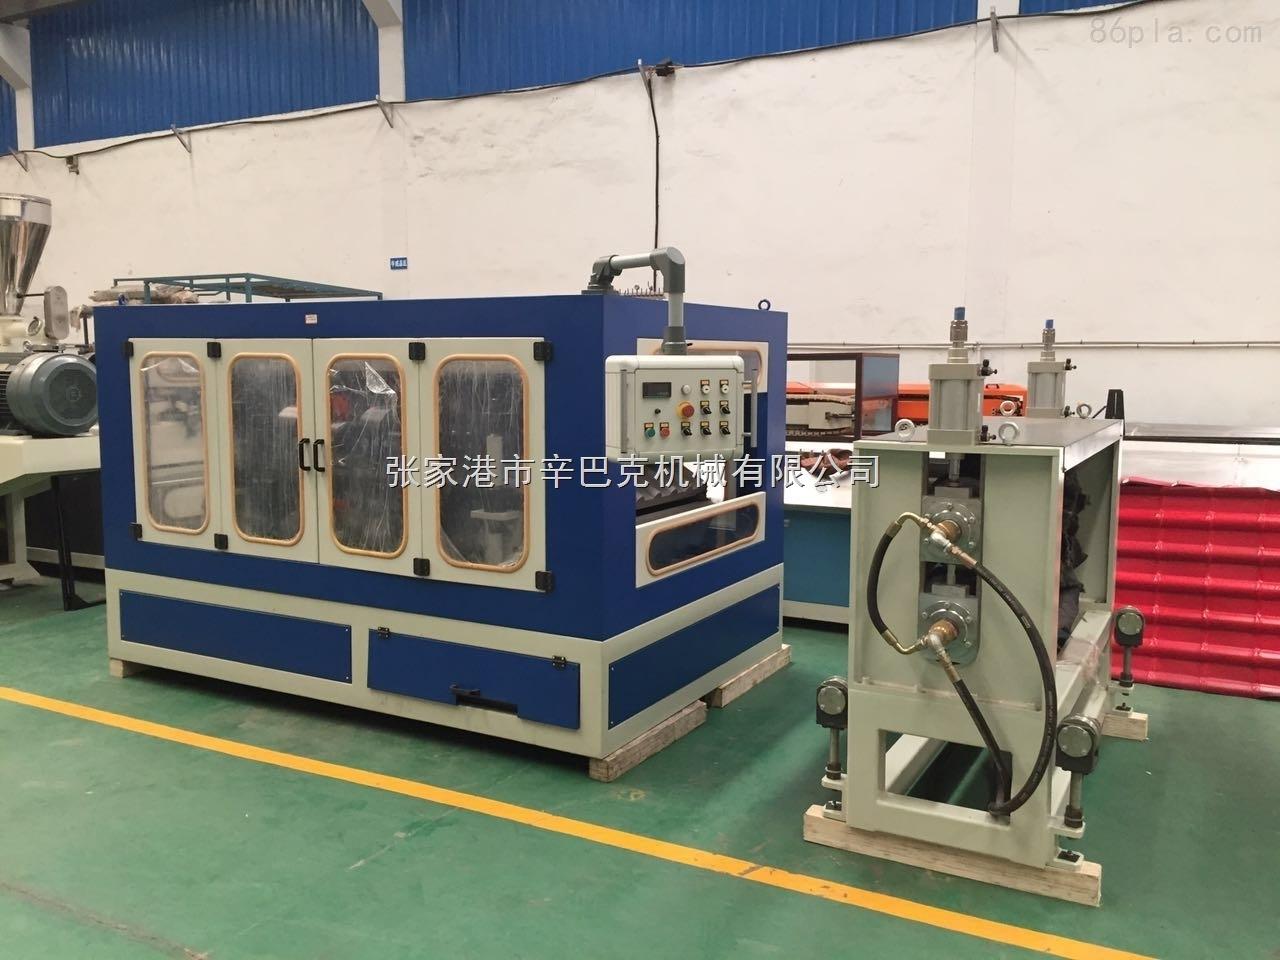 880-1050-880-1050塑料合成树脂瓦设备-张家港市机械